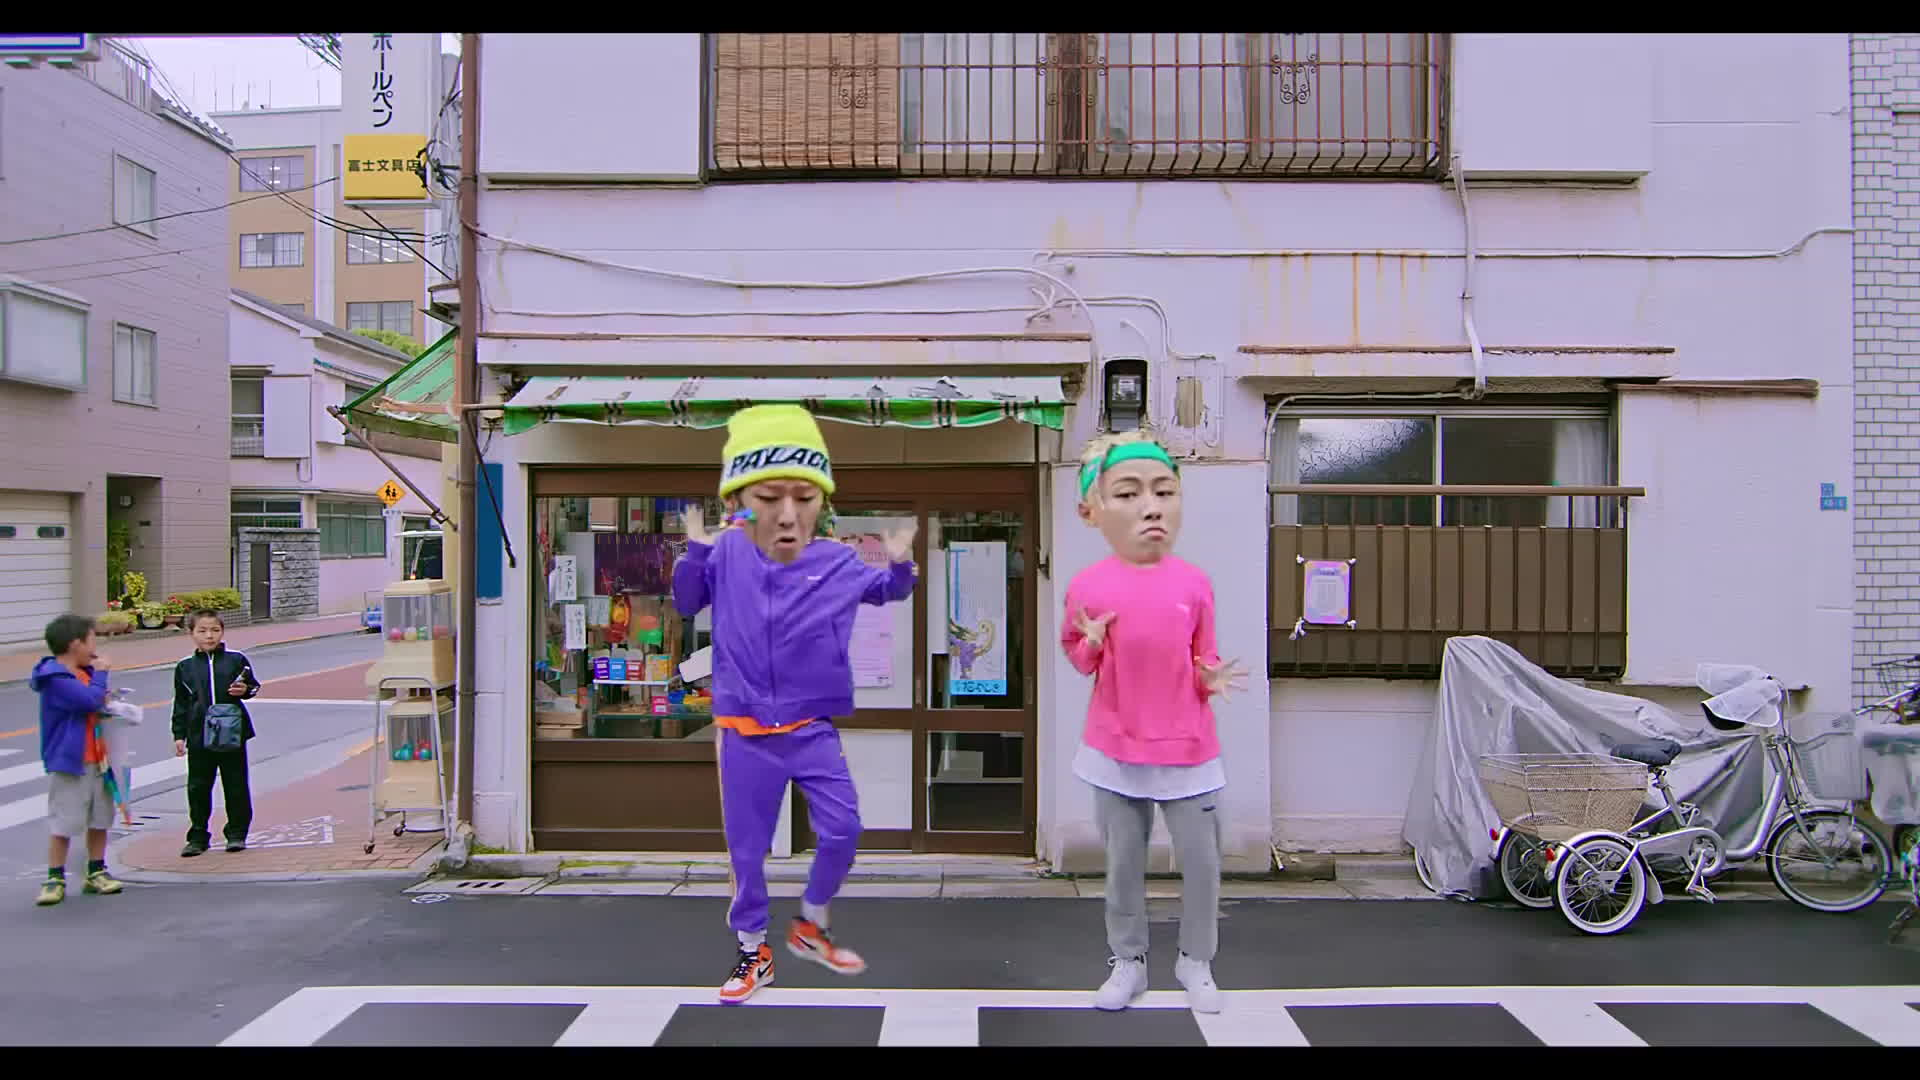 Trận chiến Kpop tháng 7 càng thêm khốc liệt: 'Quái vật nhạc số' Zico chính thức tung hàng